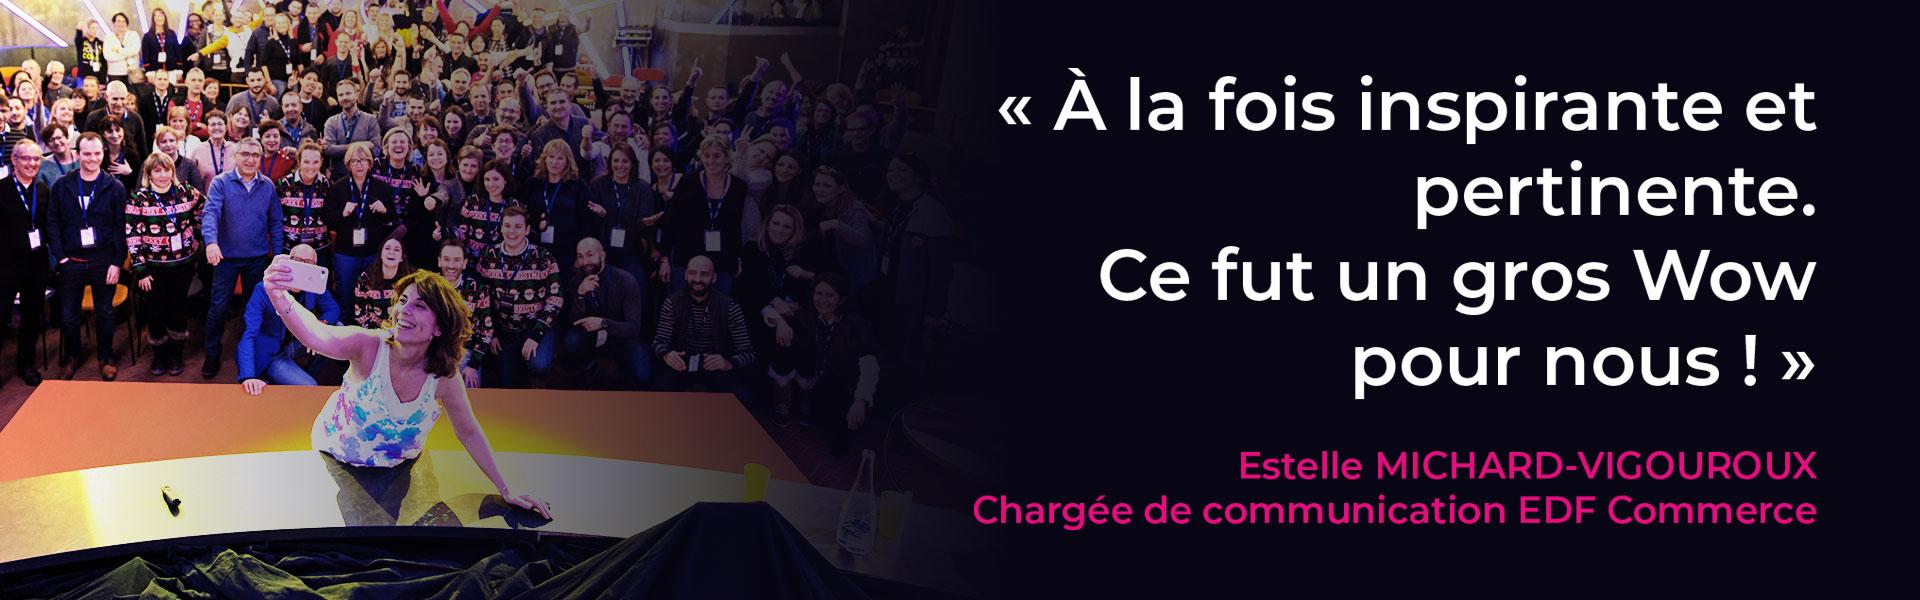 Conférence sur le langage du corps d'Olga Ciesco pour EDF Commerce